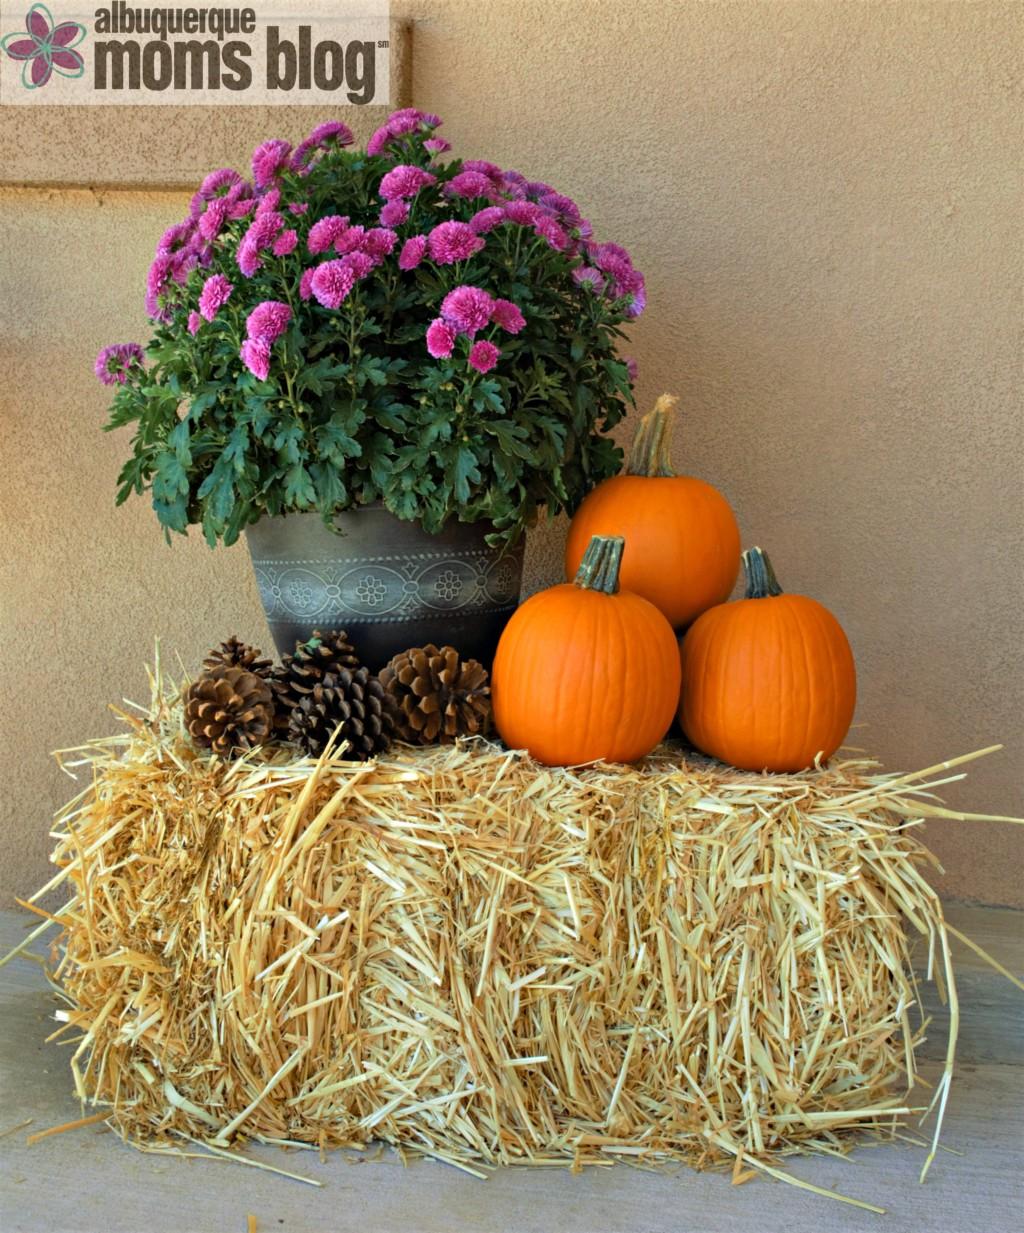 Hello, Albuquerque Fall :: Five Easy Ways to Make Your House Feel Cozy from Albuquerque Moms Blog